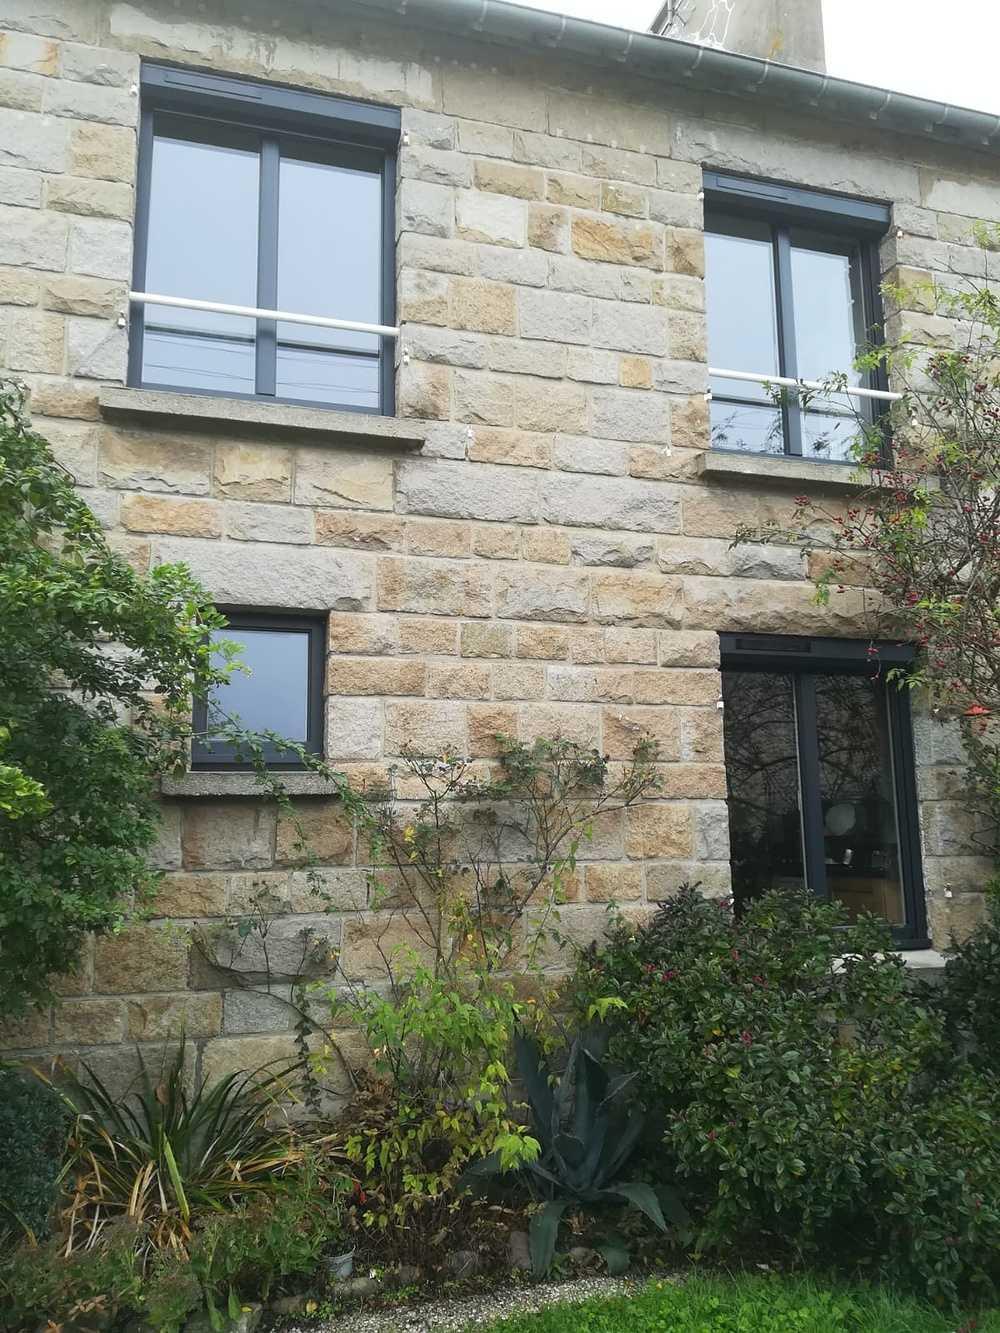 Fenêtres alu gris 2 vantaux et fenêtre fixe 0